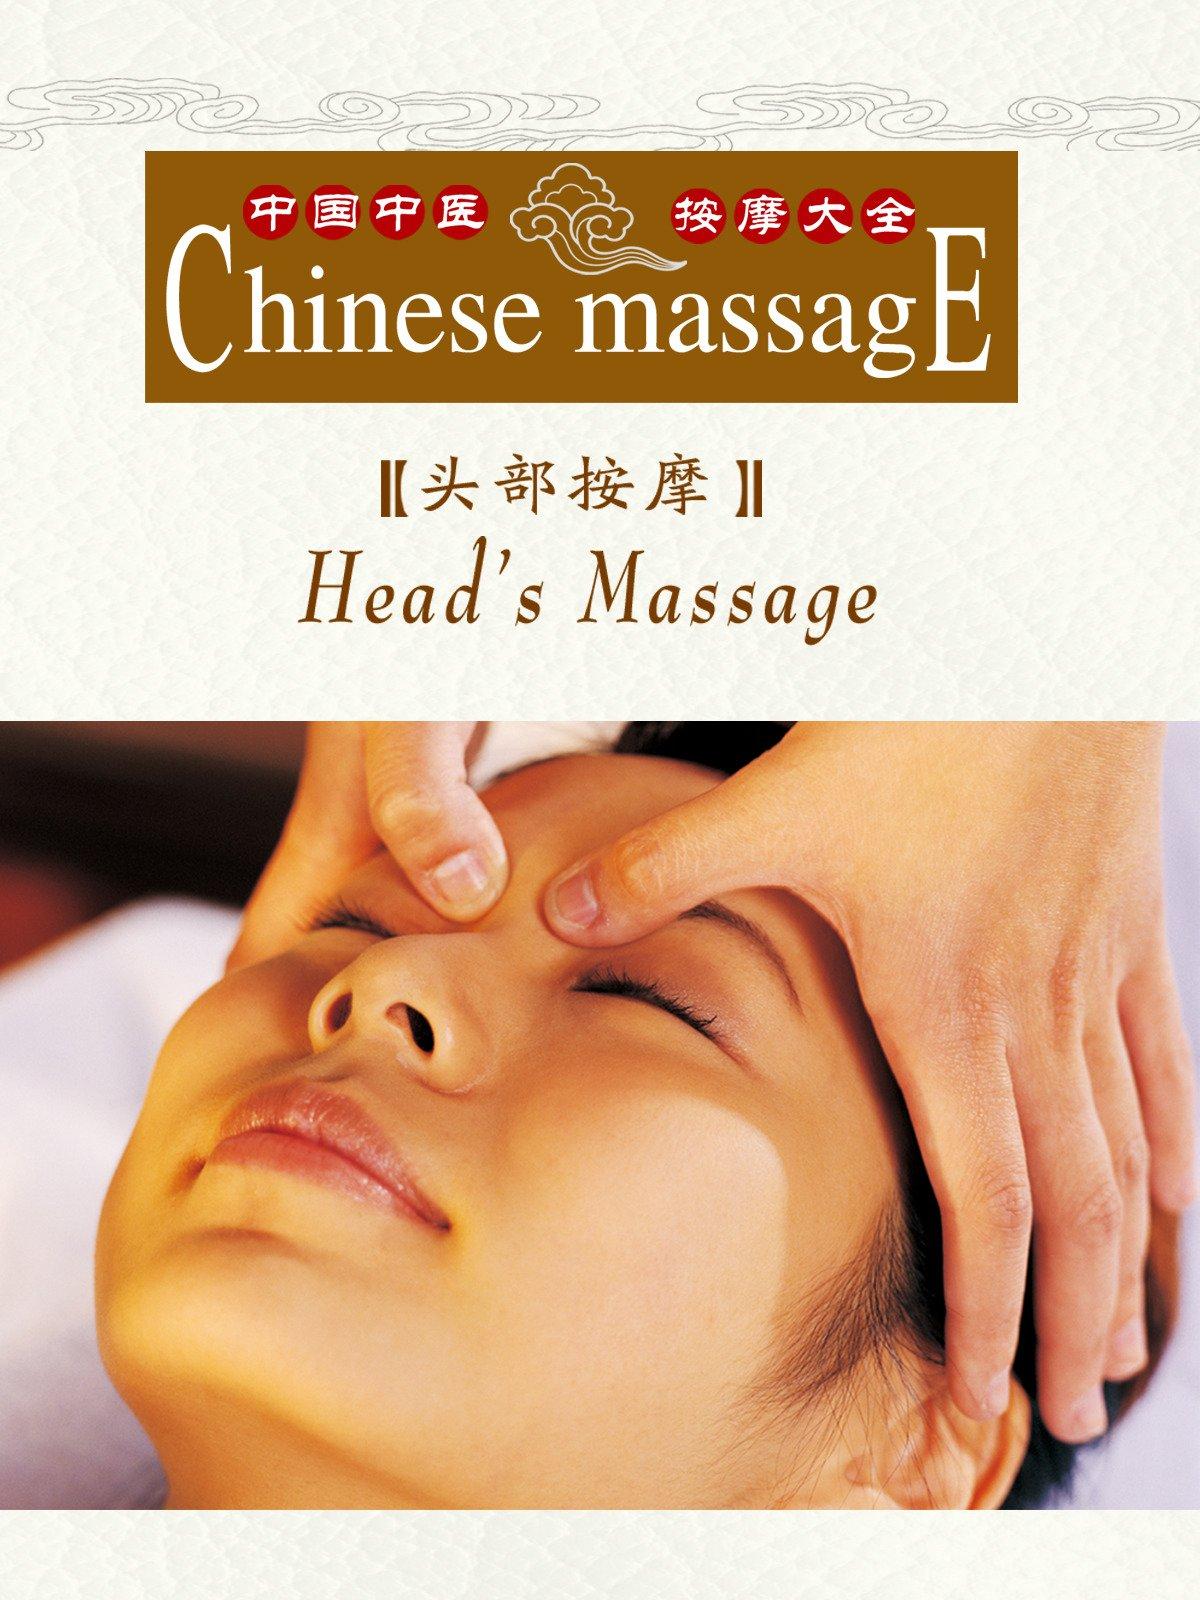 Chinese Massage-Head's Massage